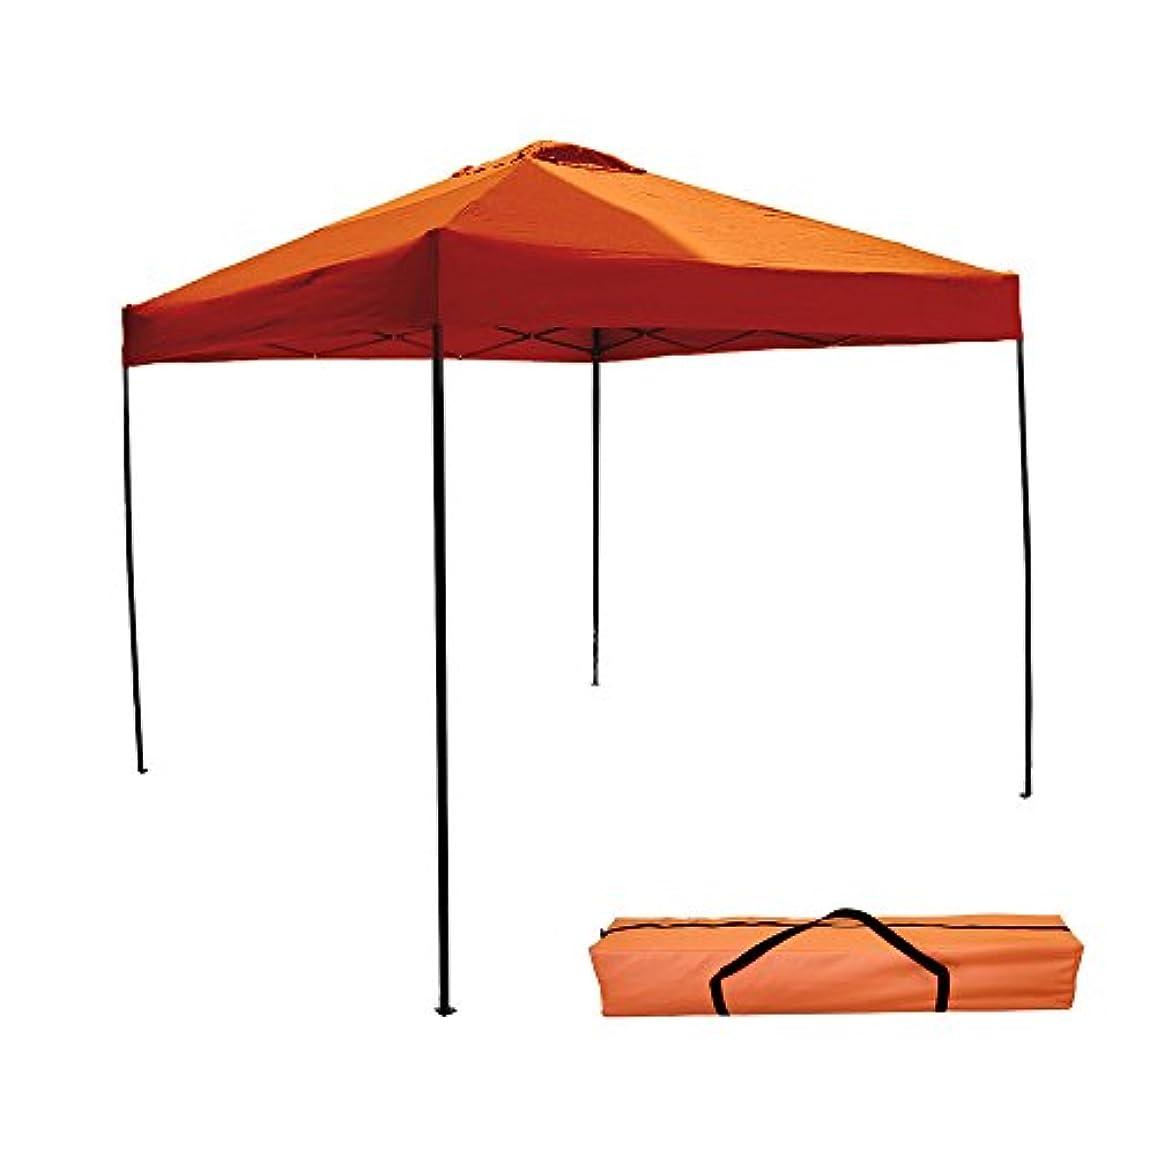 つまずくストリーム母性MERMONT テント タープ タープテント 2m ベンチレーション 付き【オレンジ】